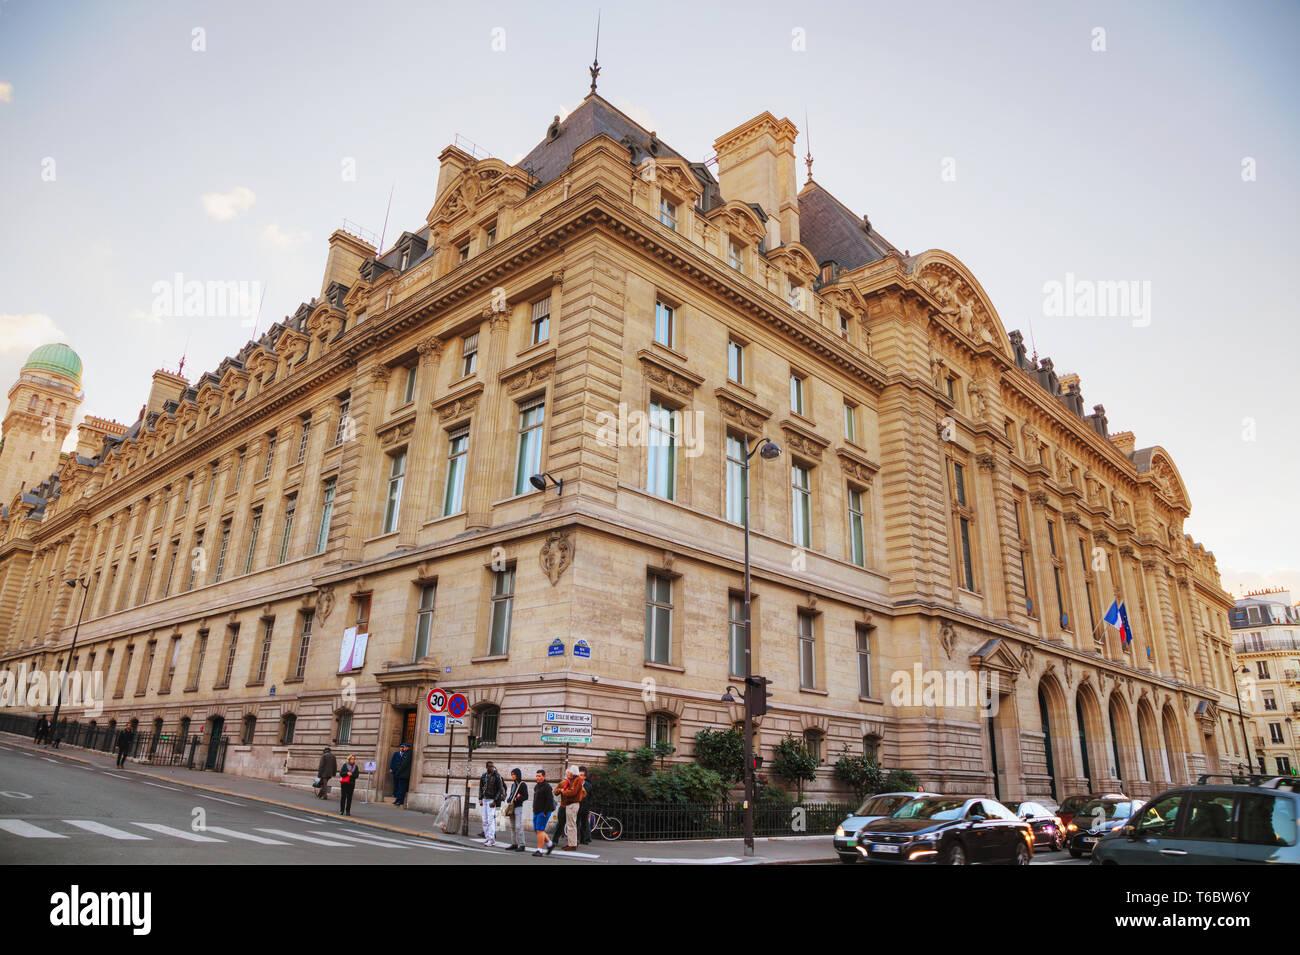 Paris-Sorbonne University building - Stock Image